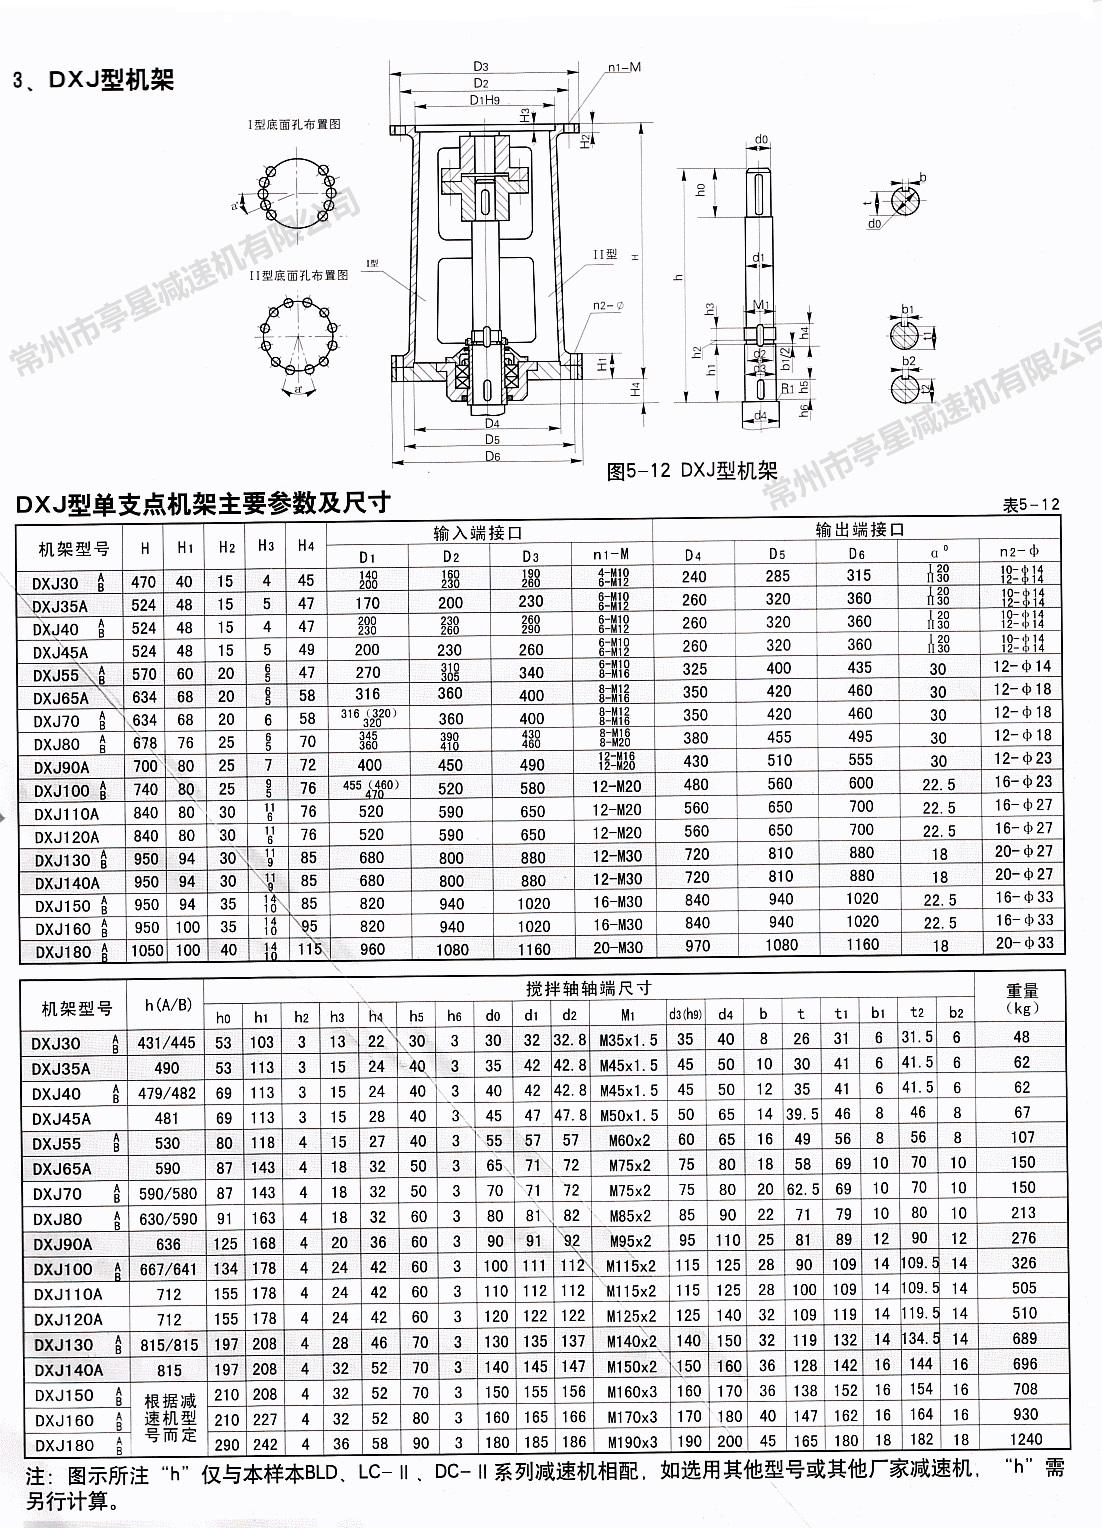 减速机DXJ机架安装尺寸表